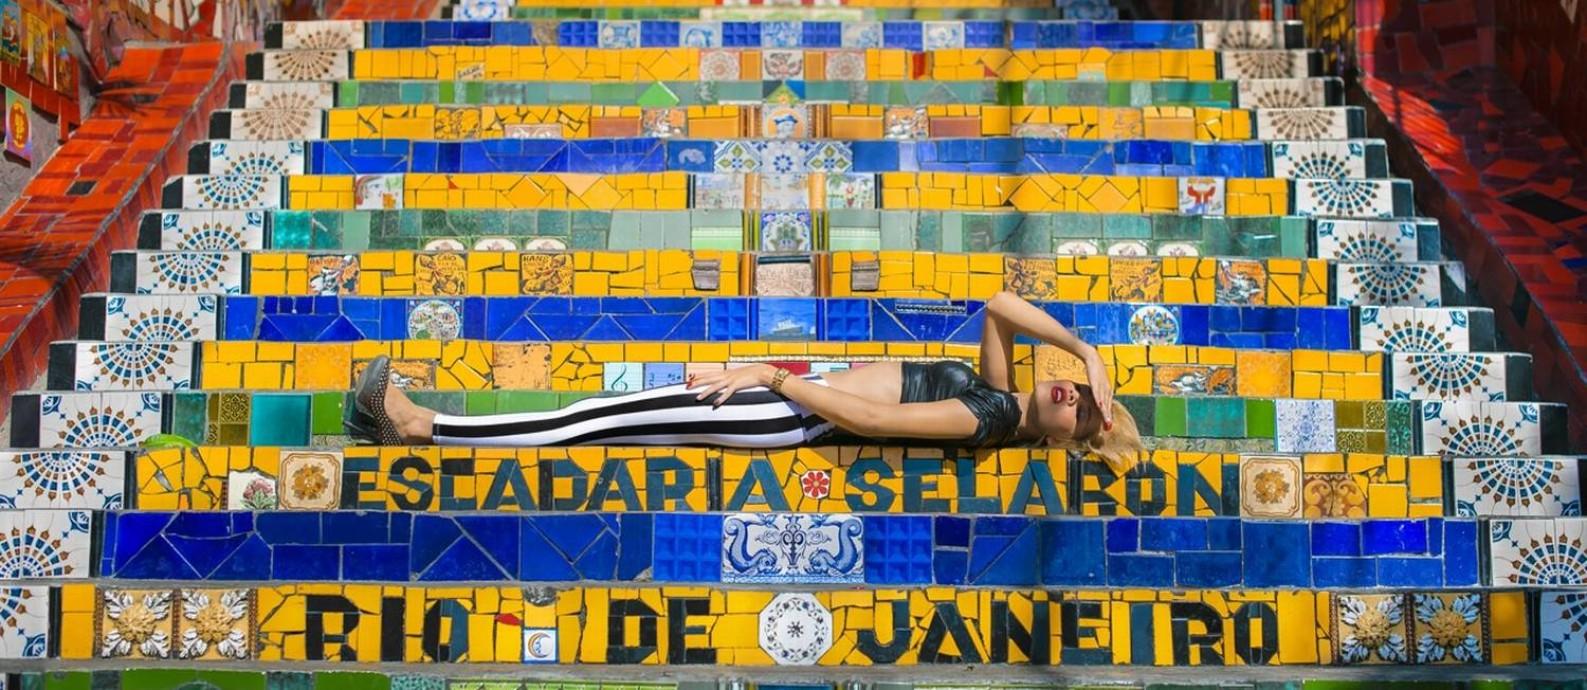 """Melissa Rodrigues, transgênero que deu origem à exposição """"M"""", em cartaz no Correios"""